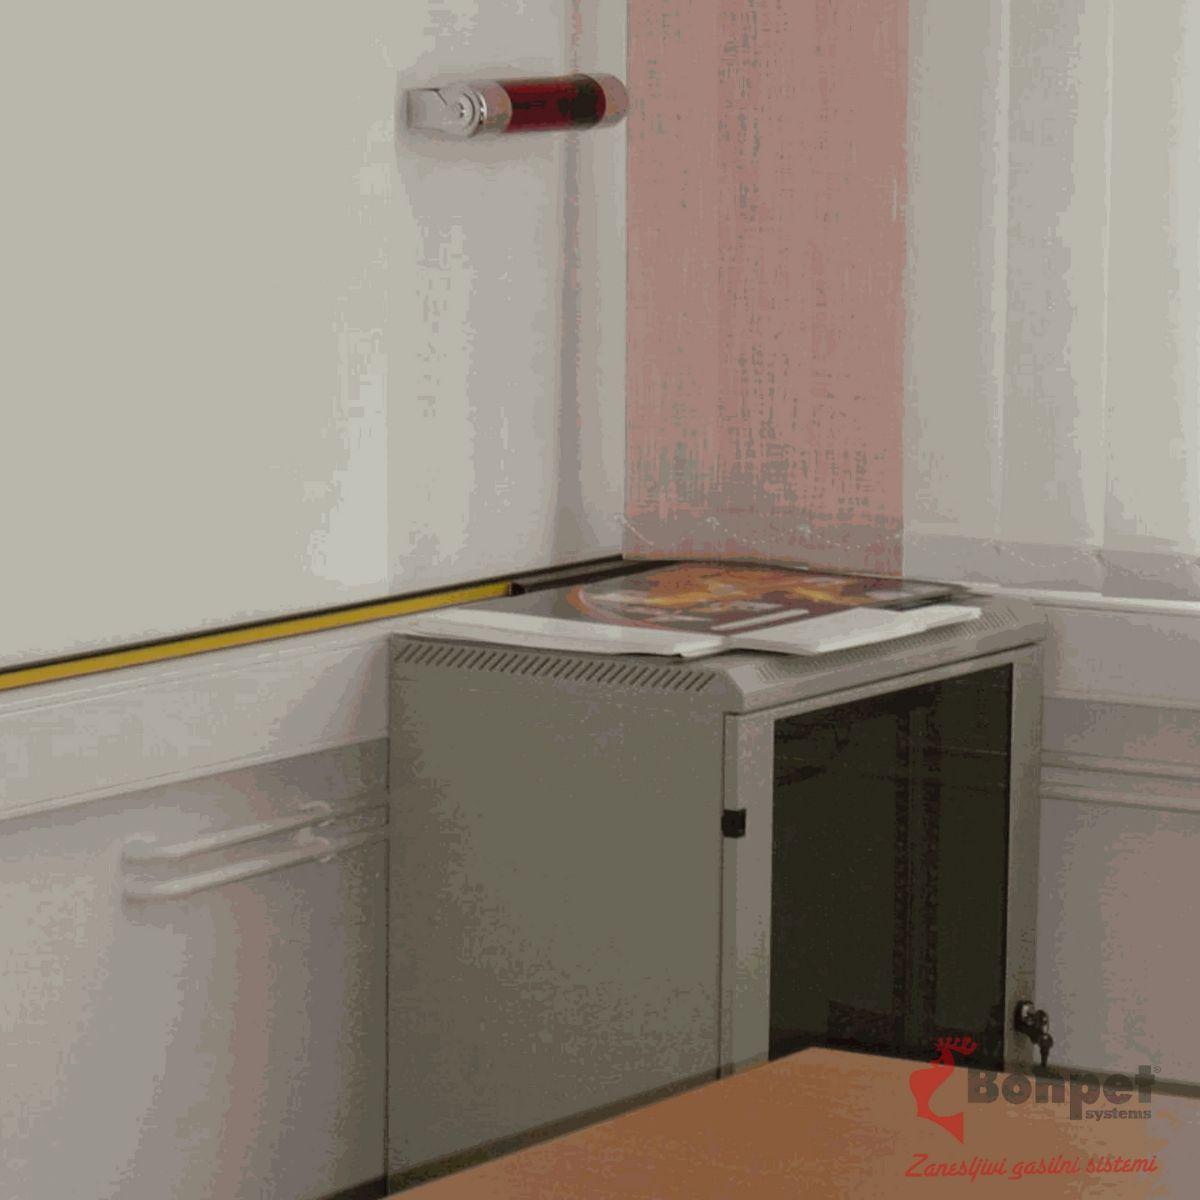 Automatische Löschampulle - Entdecken Sie hier die Besonderheiten der Automatische Löschampulle von Bonpet und sichern Sie sich Ihre eigene Automatische Löschampulle für verschiedene Räume.